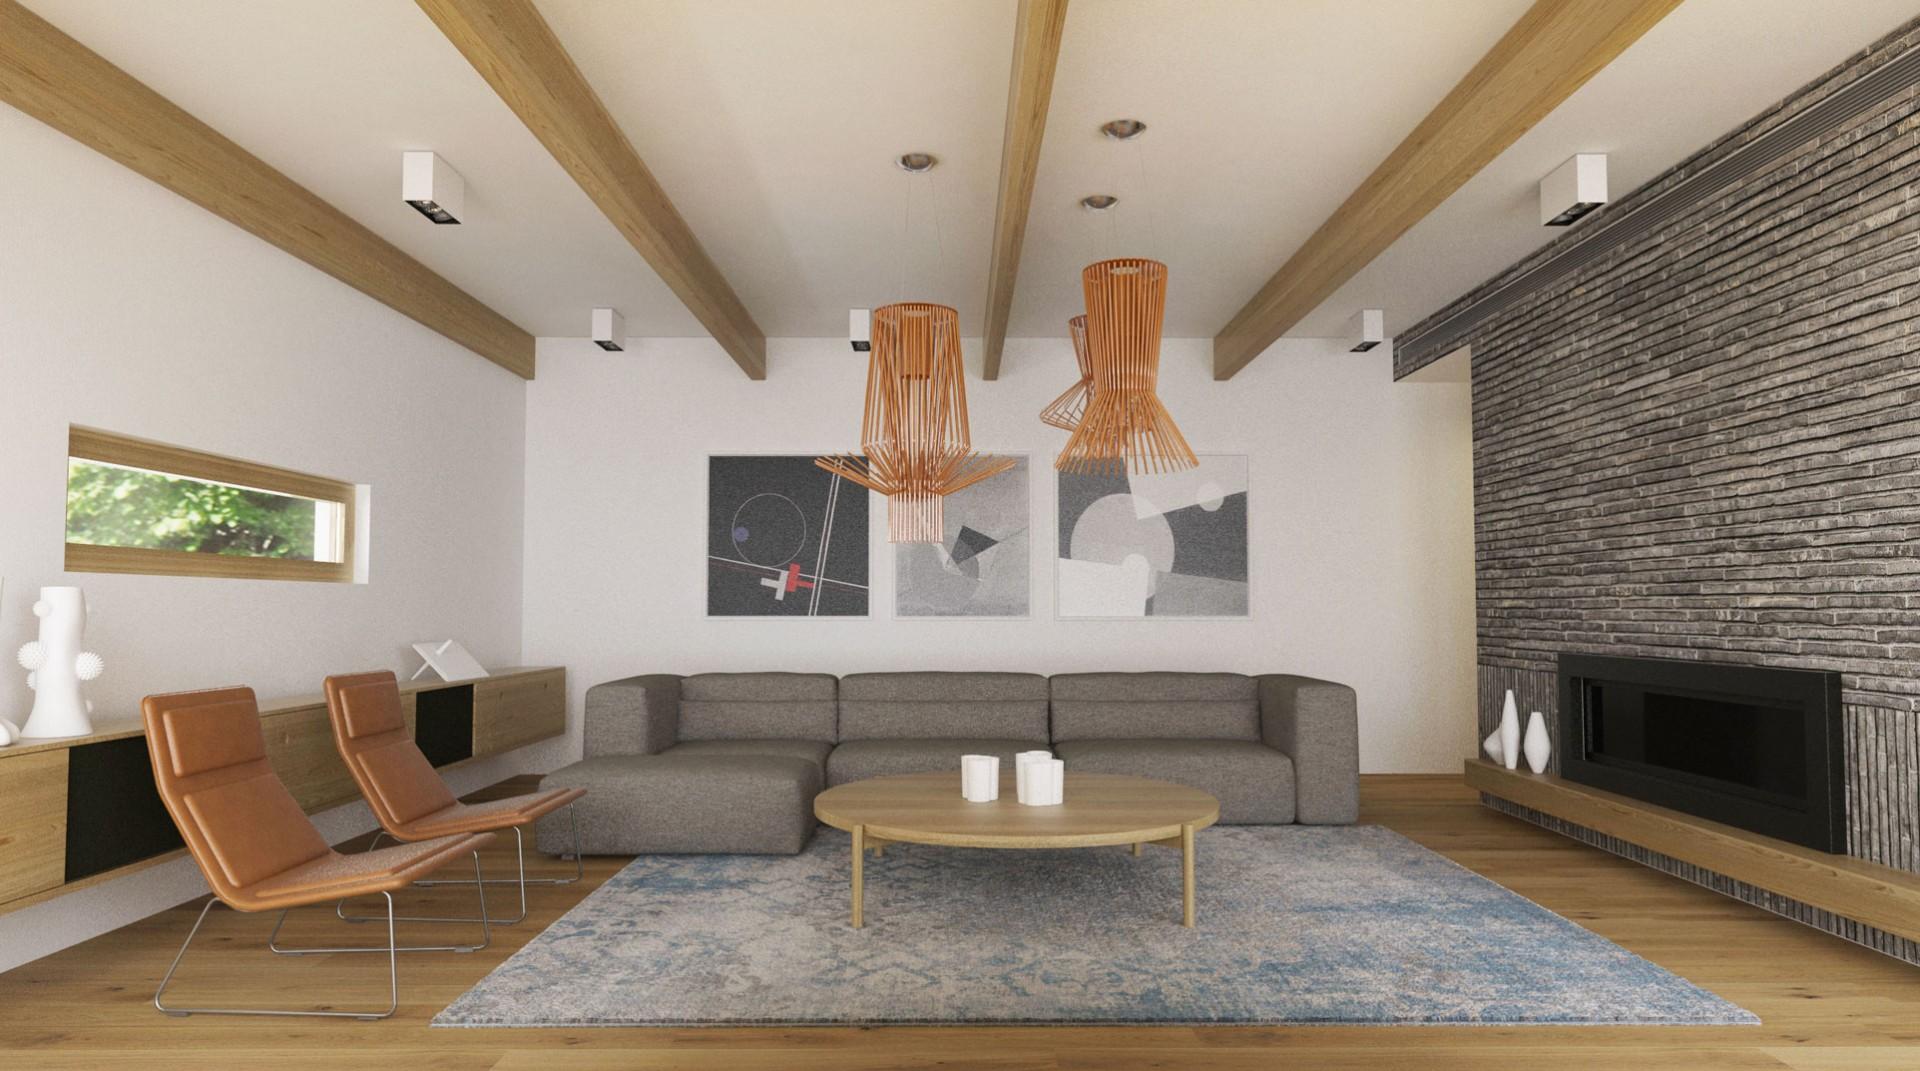 Návrh interiéru moderného drevodomu v Banskej Bystrici.